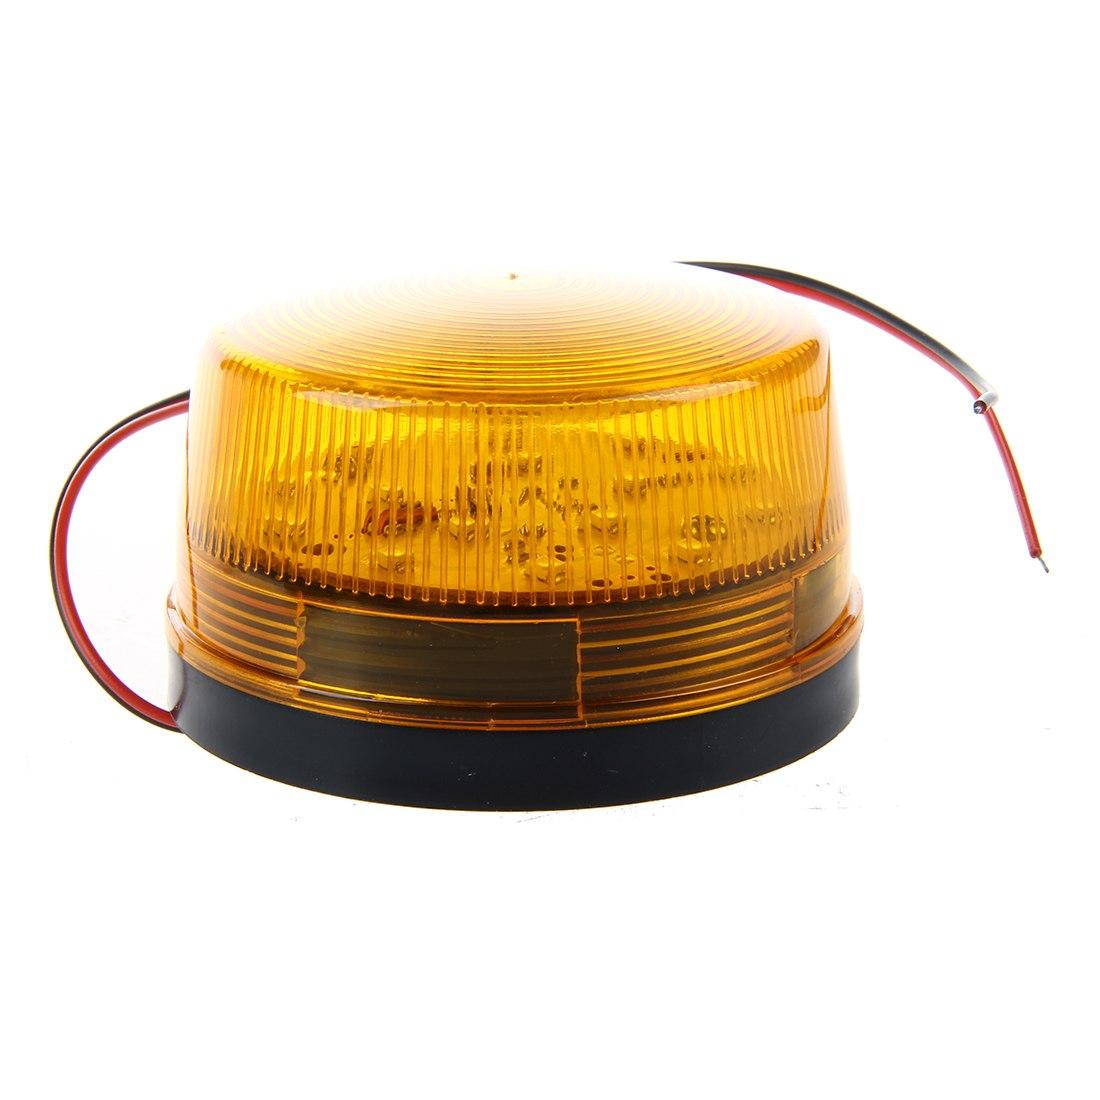 2 Pcs Of MOOL 12V Security Alarm Strobe Signal Safety Warning Blue/Red Flashing LED Light Orange